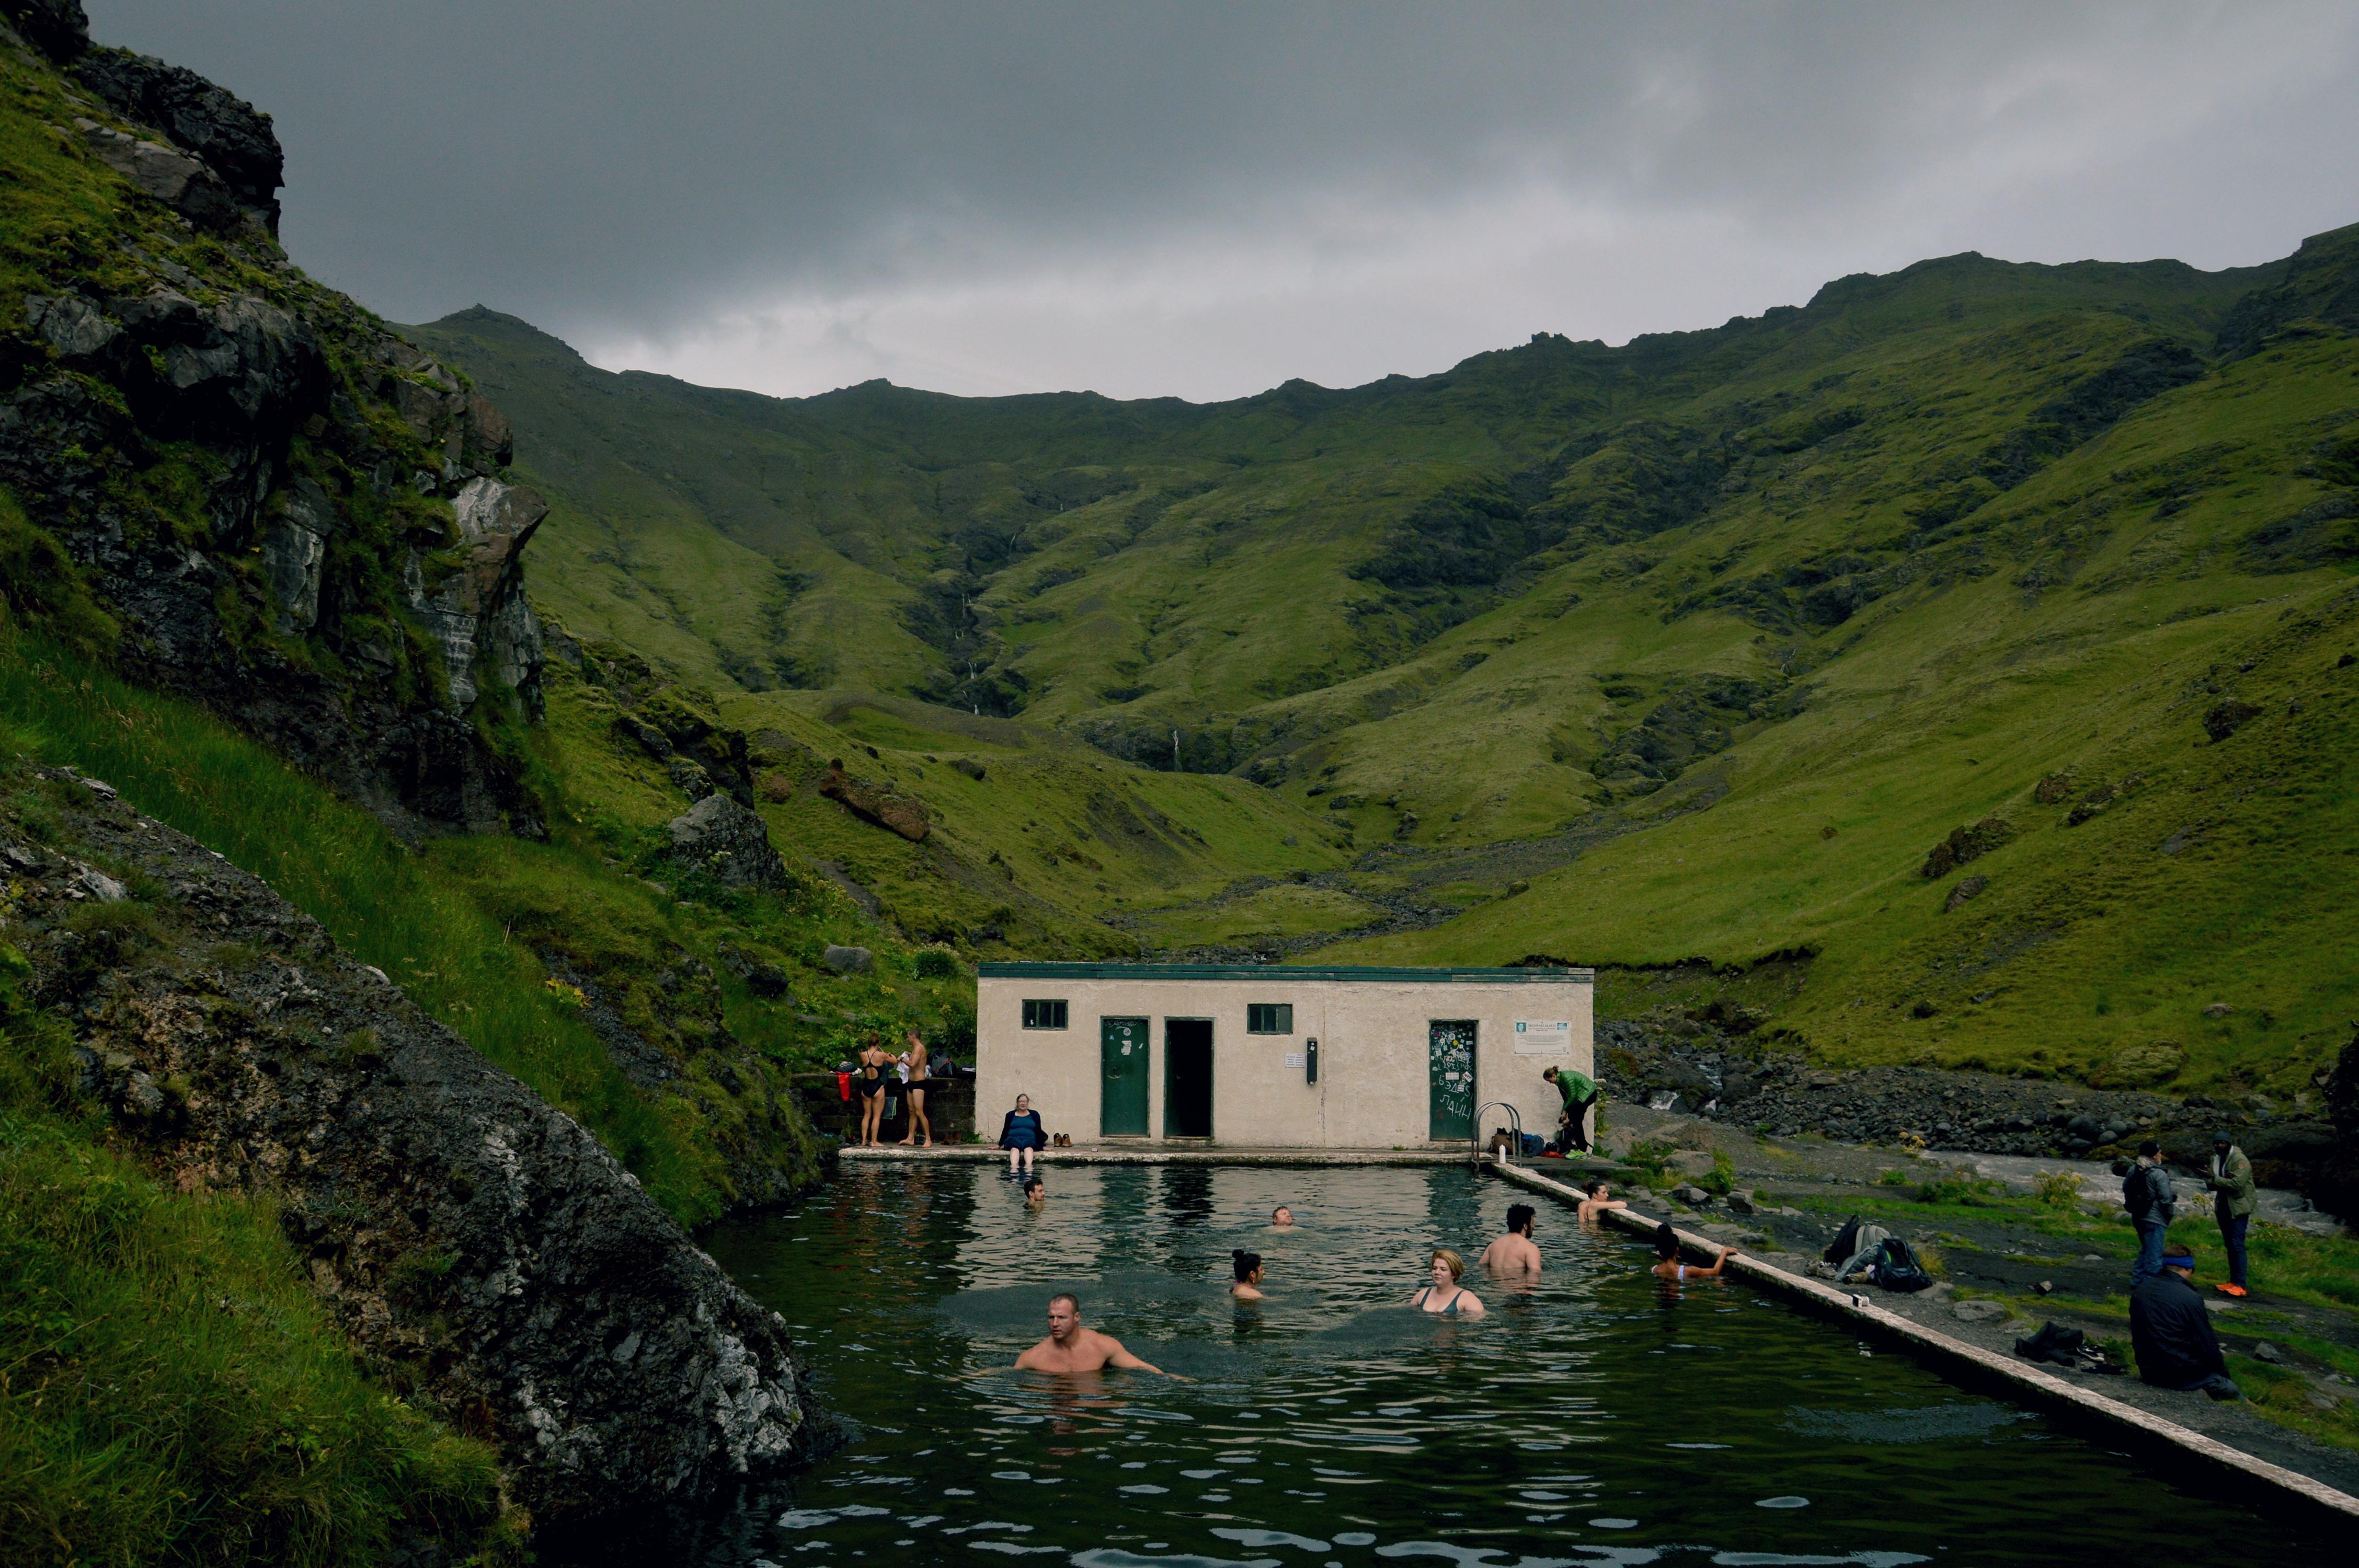 Islandia: Gorące Źródła. Gdzie kąpać się za darmo? (Wskazówki + mapa)